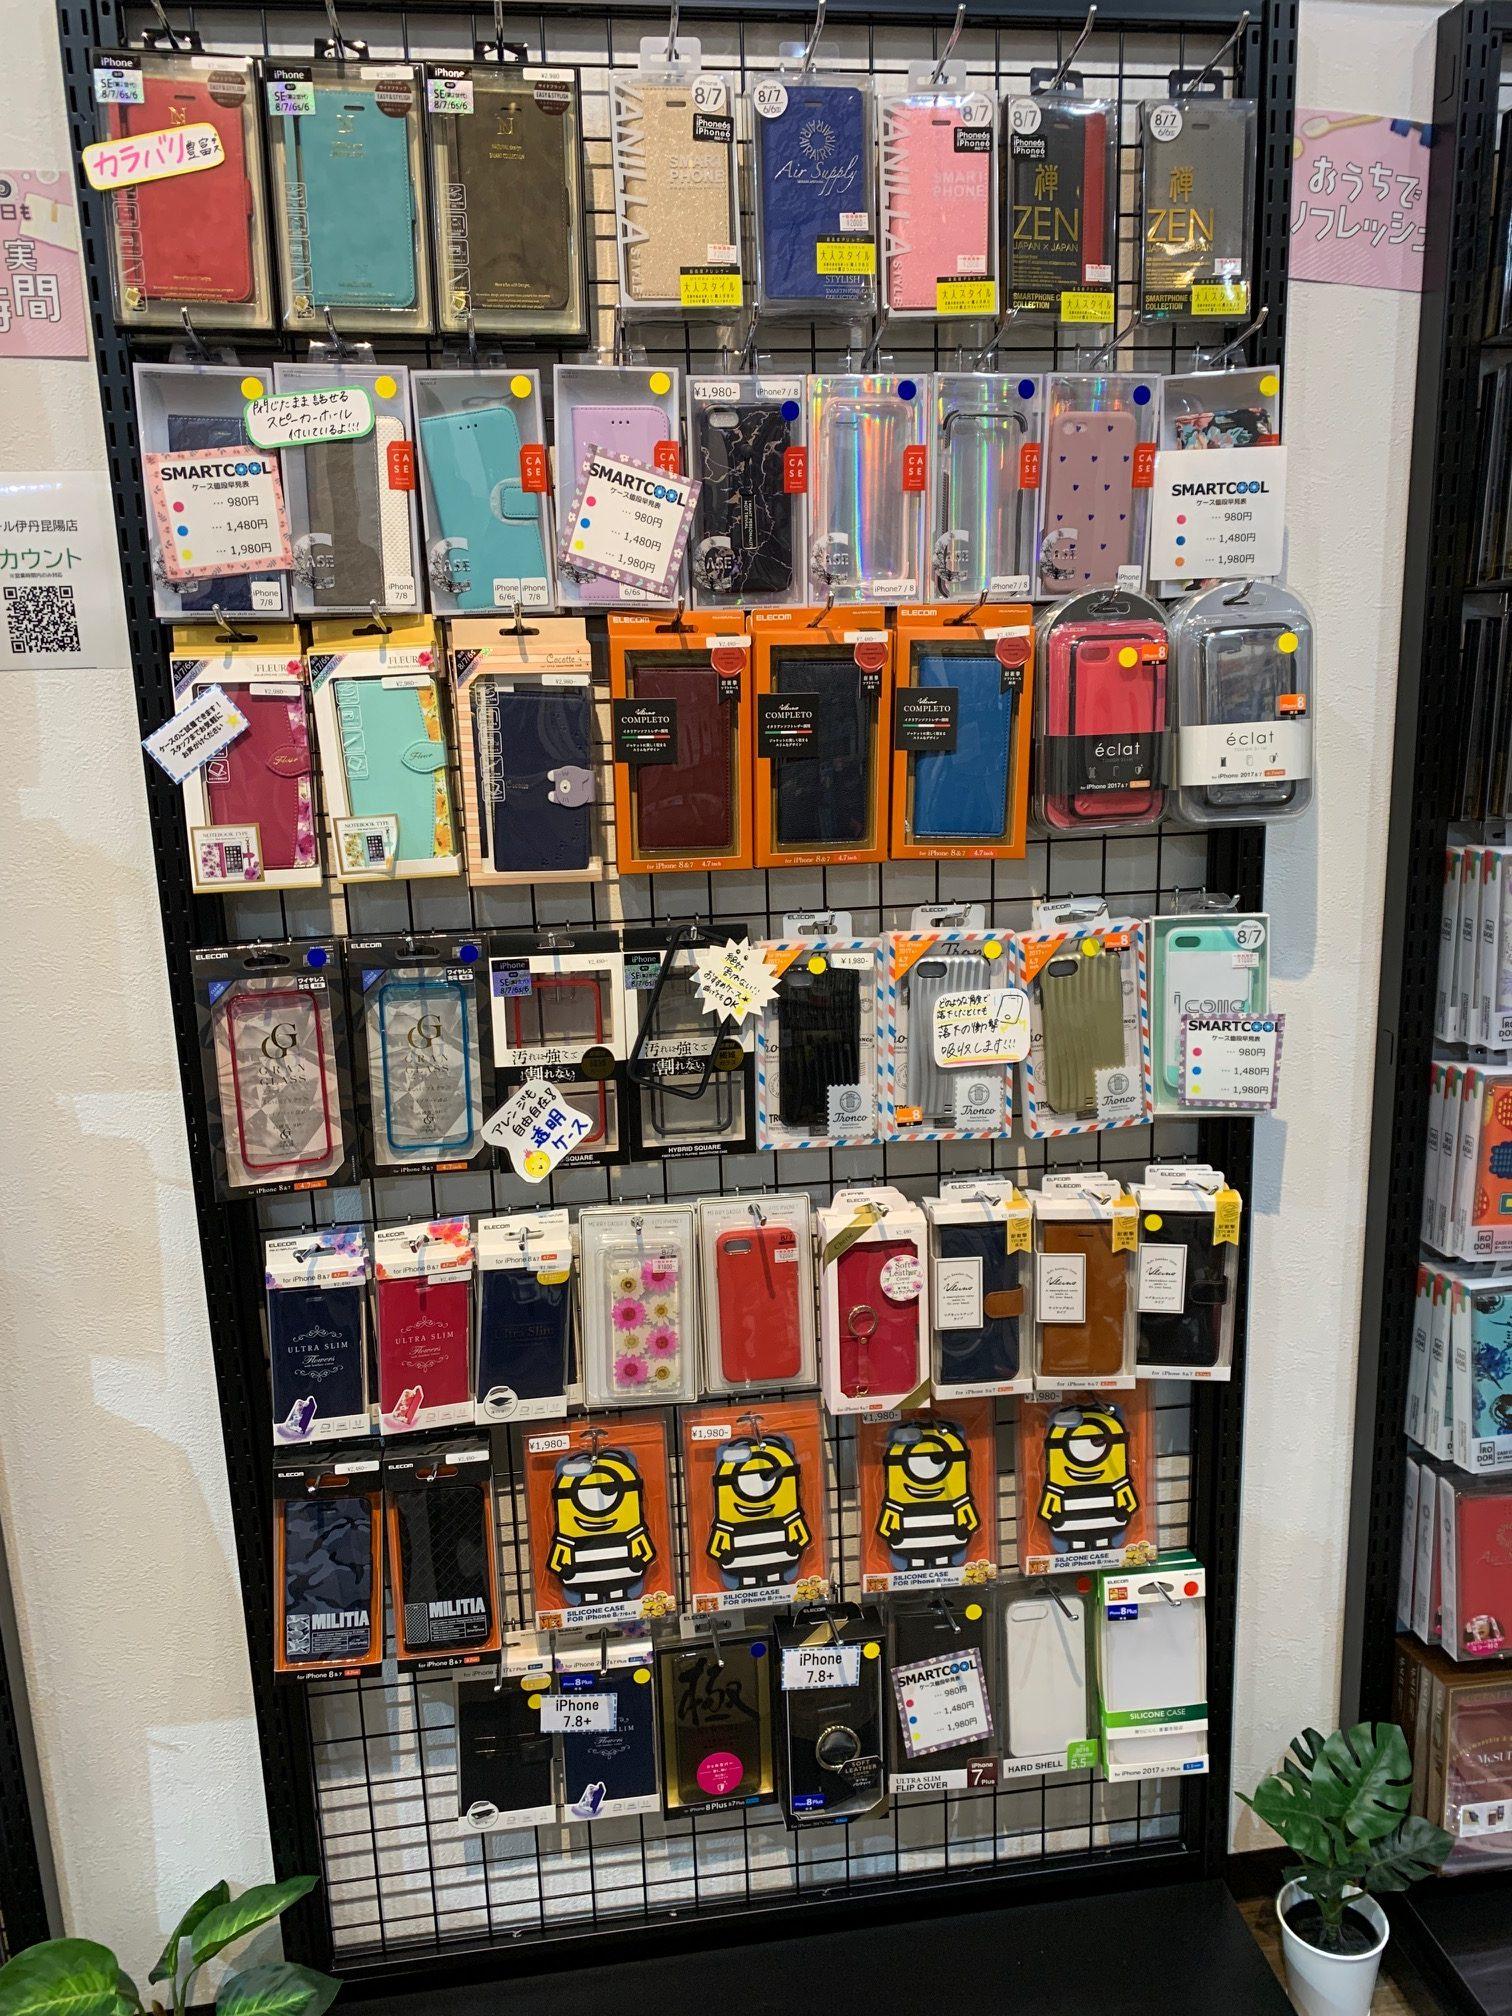 iPhoneケースも本体を守る大切なアイテム!保護力・性能を吟味しましょう!   ℳ